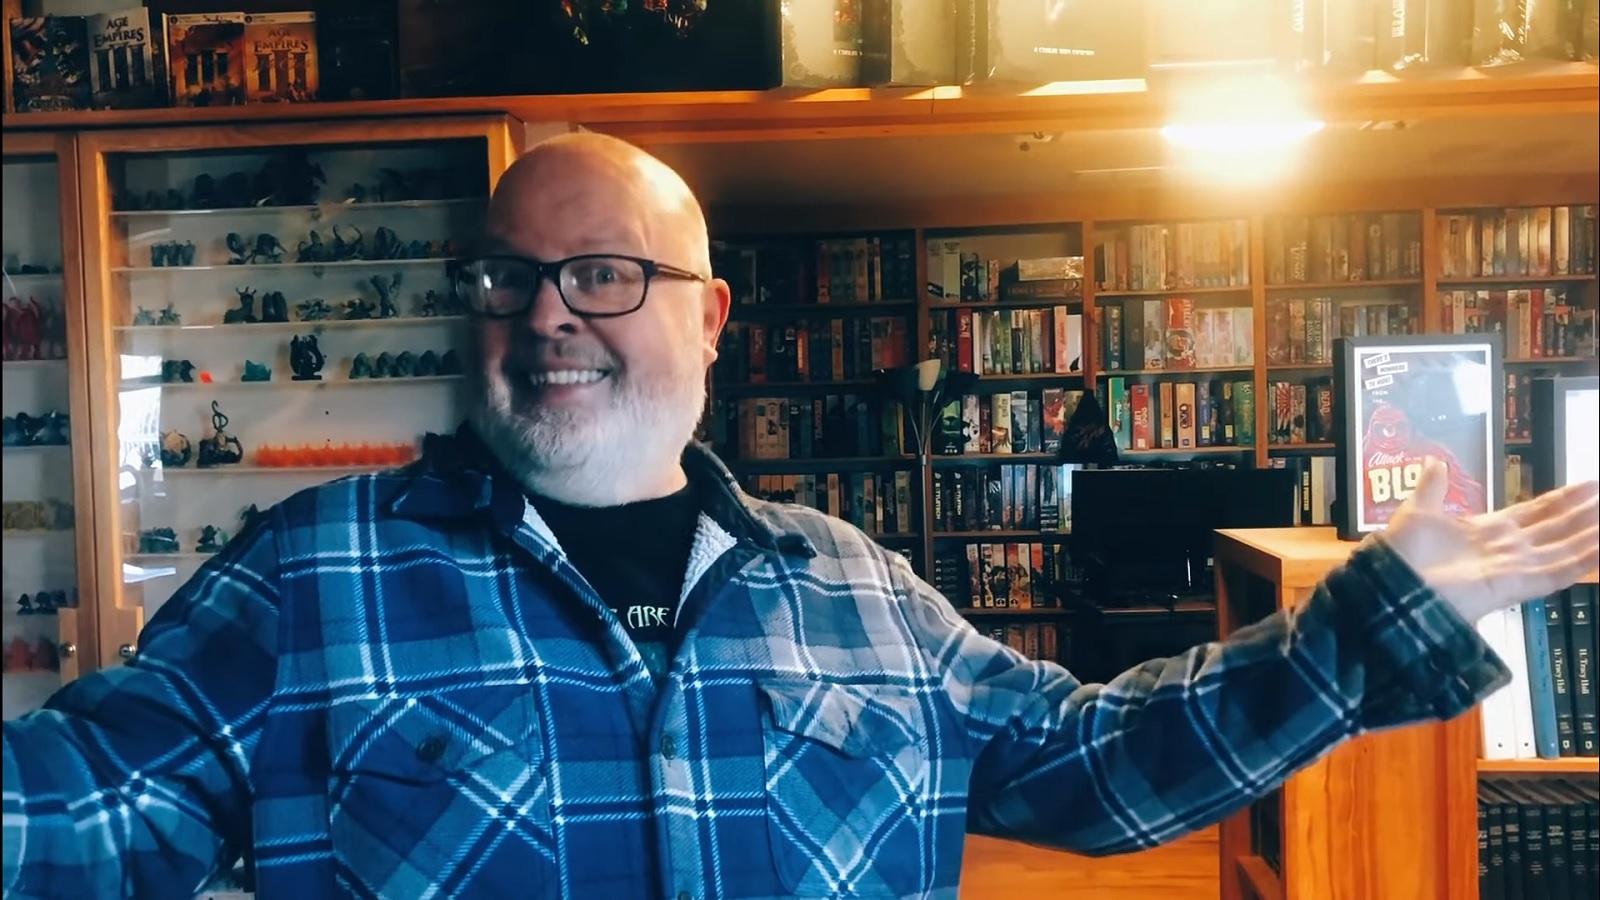 Видео: дизайнер уровней Doom 2 спрятал на одной из карт в игре свой дом и родительский